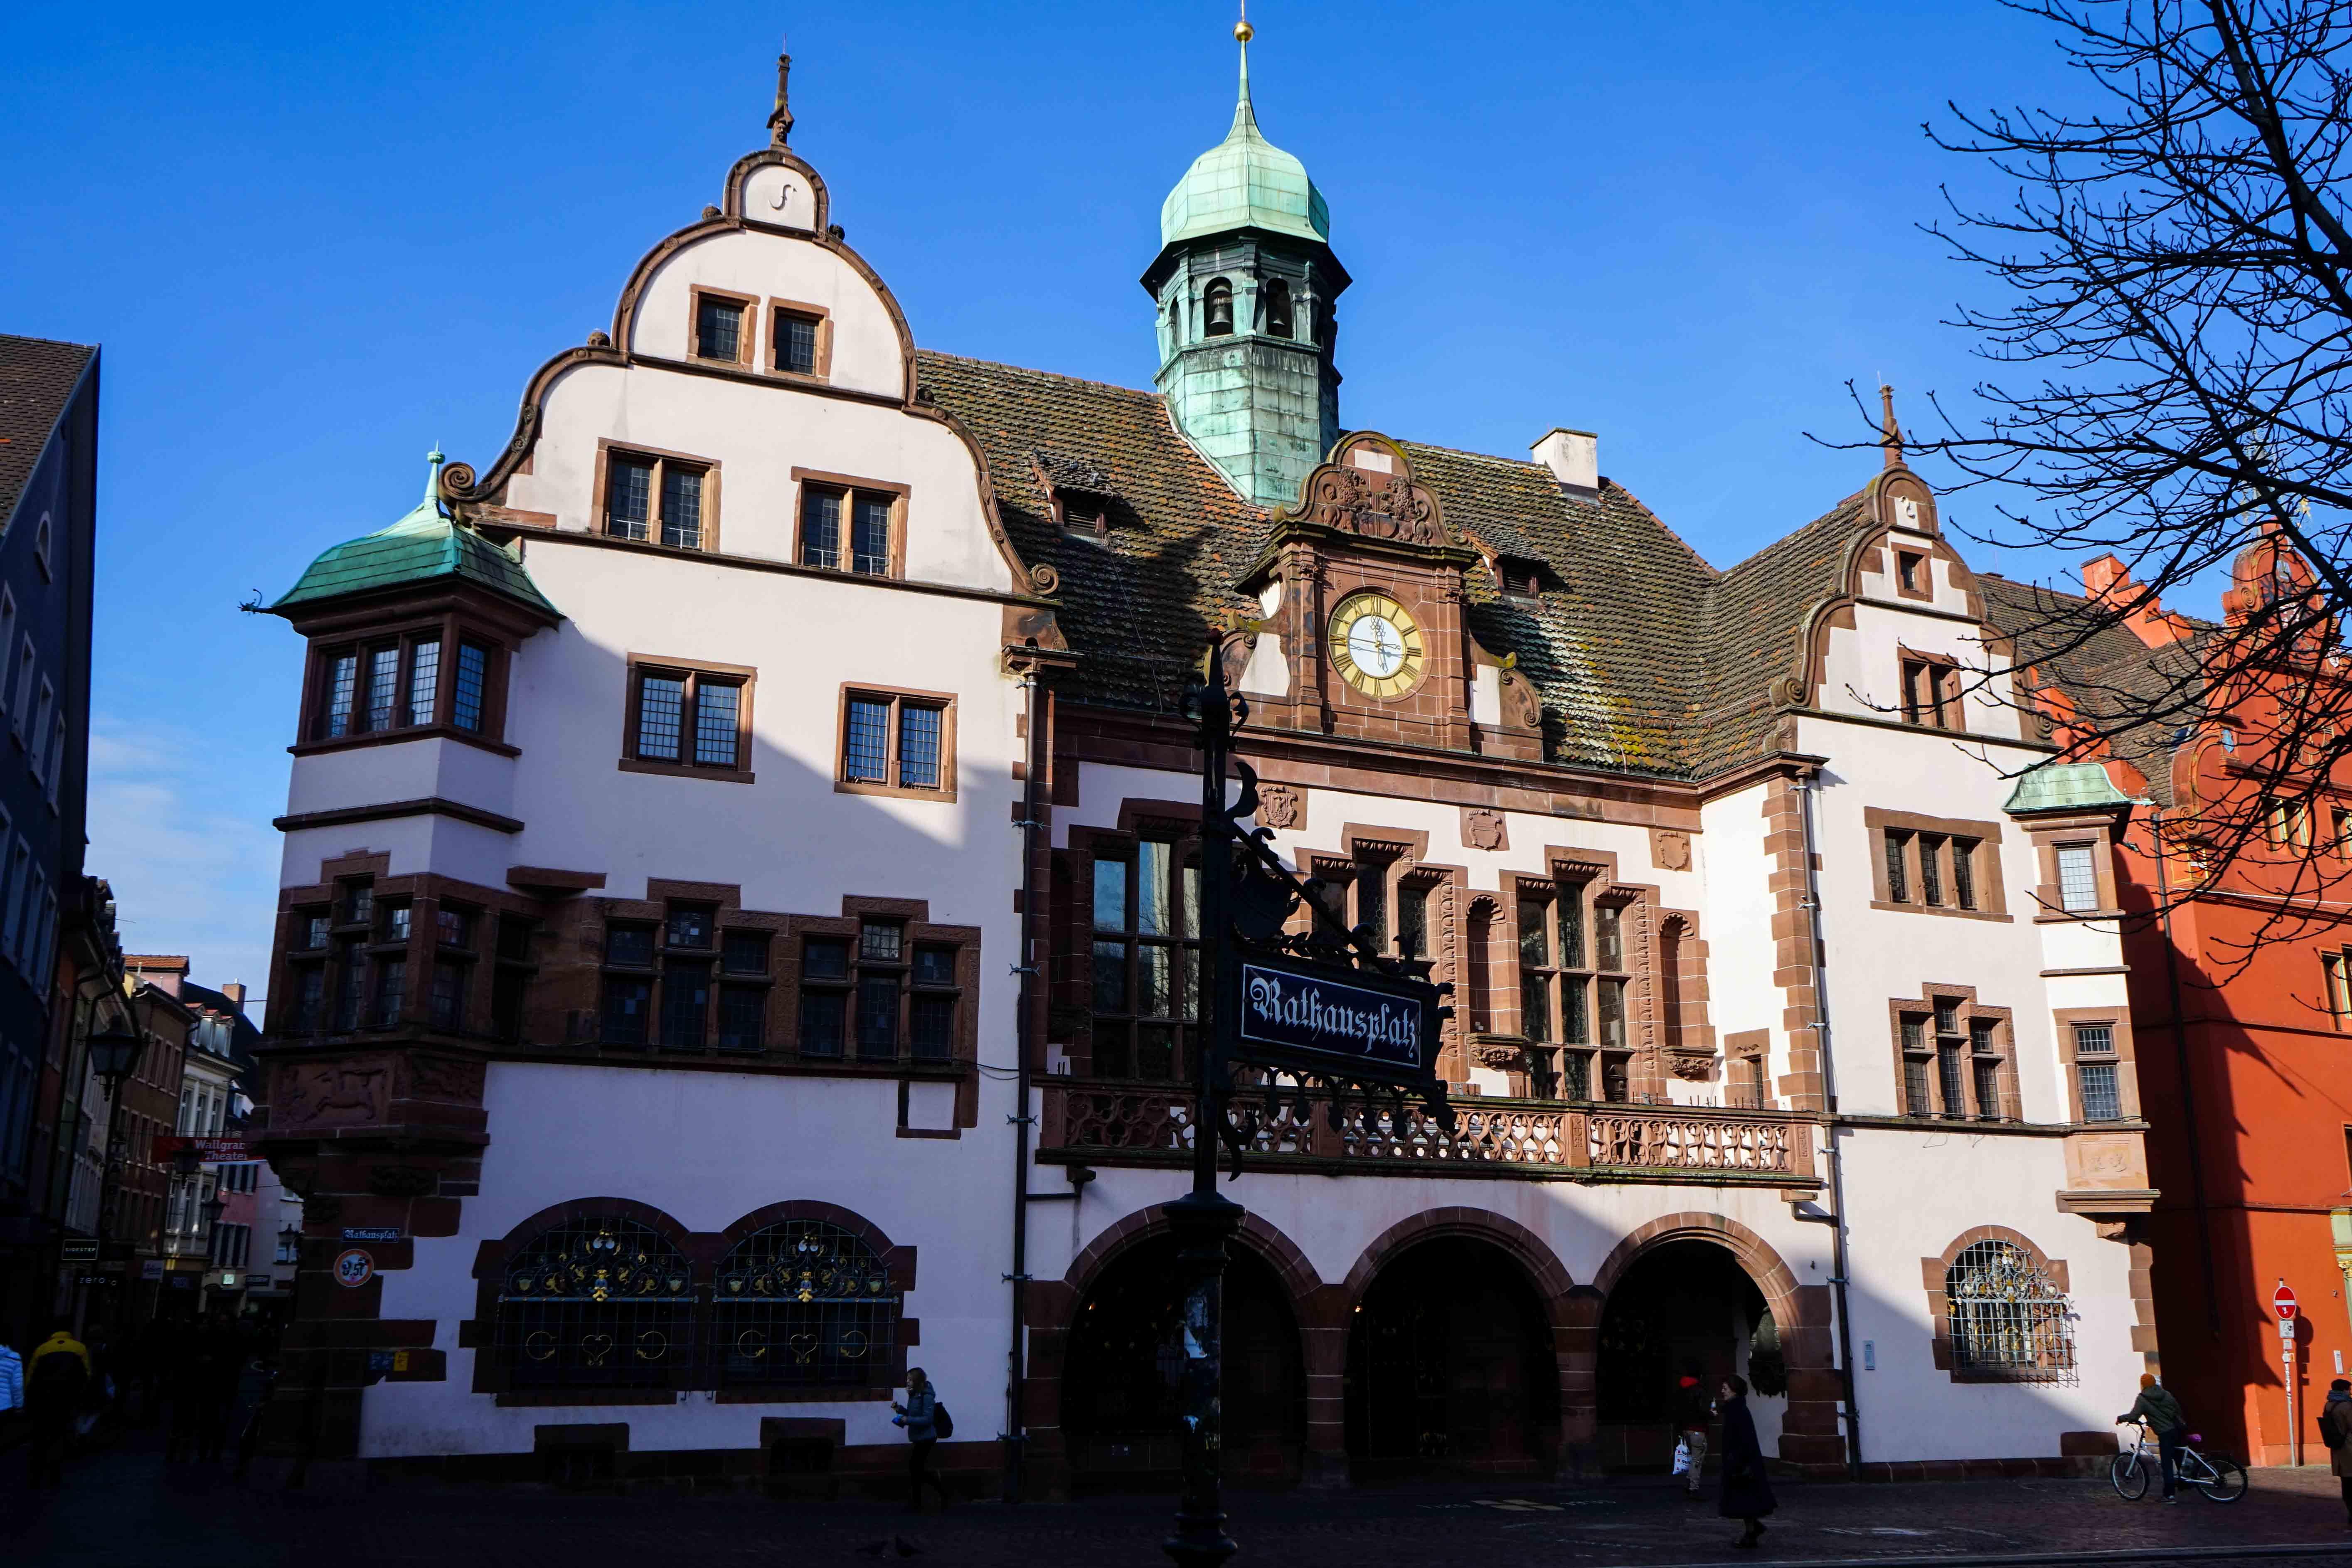 Freiburg Sehenswürdigkeiten Wochenendtrip Freiburg Altstadt neues Rathaus Reiseblog Freiburg Tipps